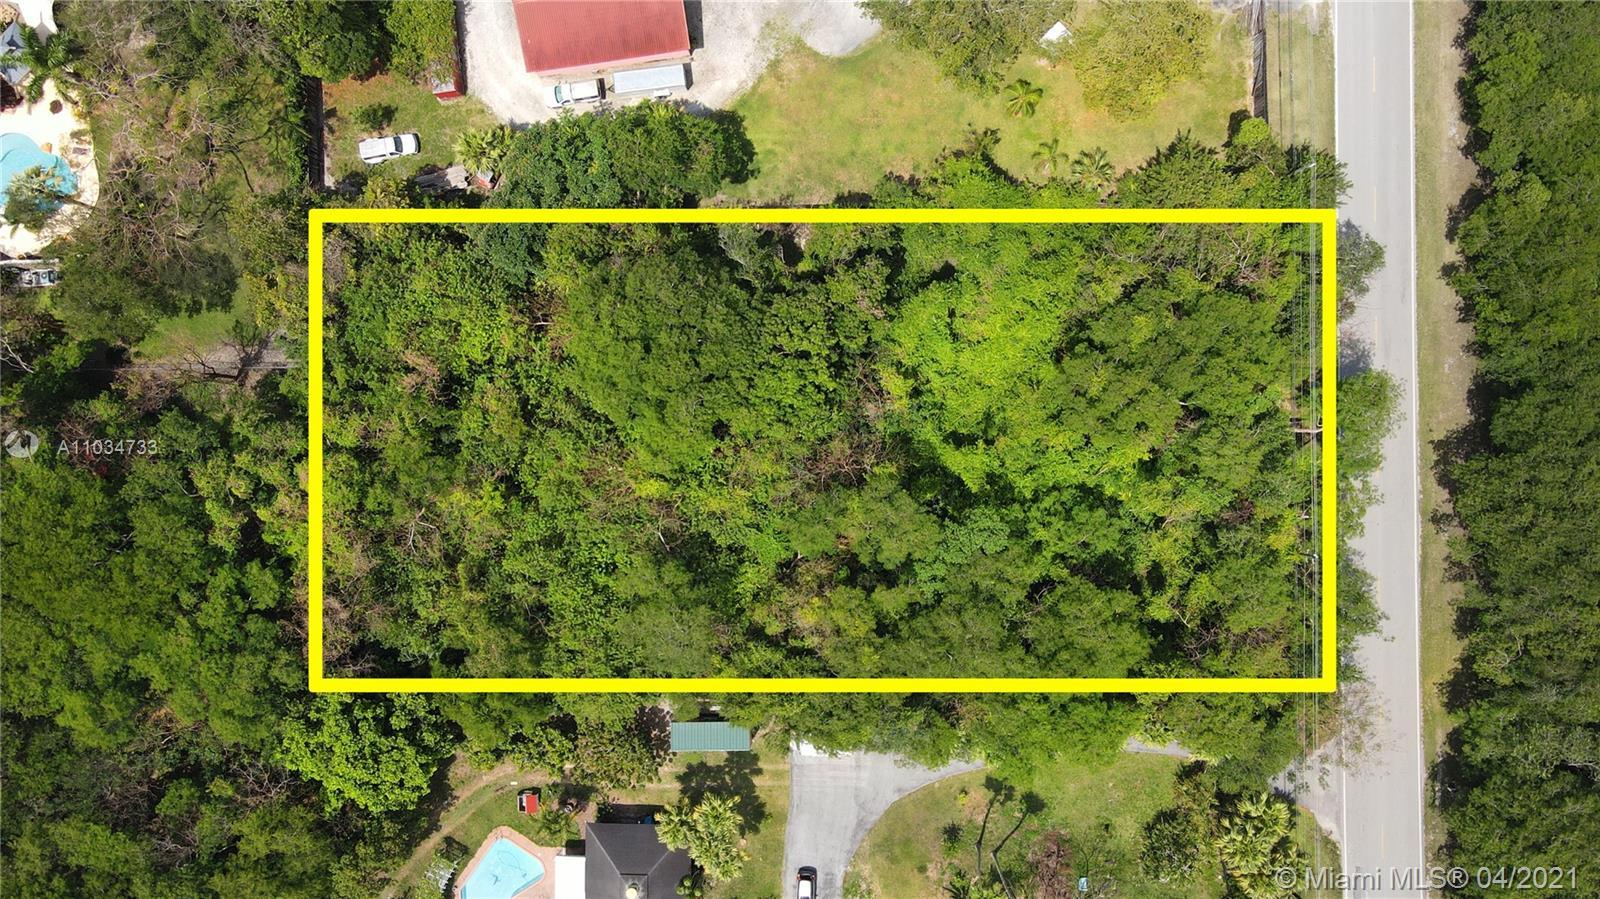 171xx Sw 264th St Property Photo